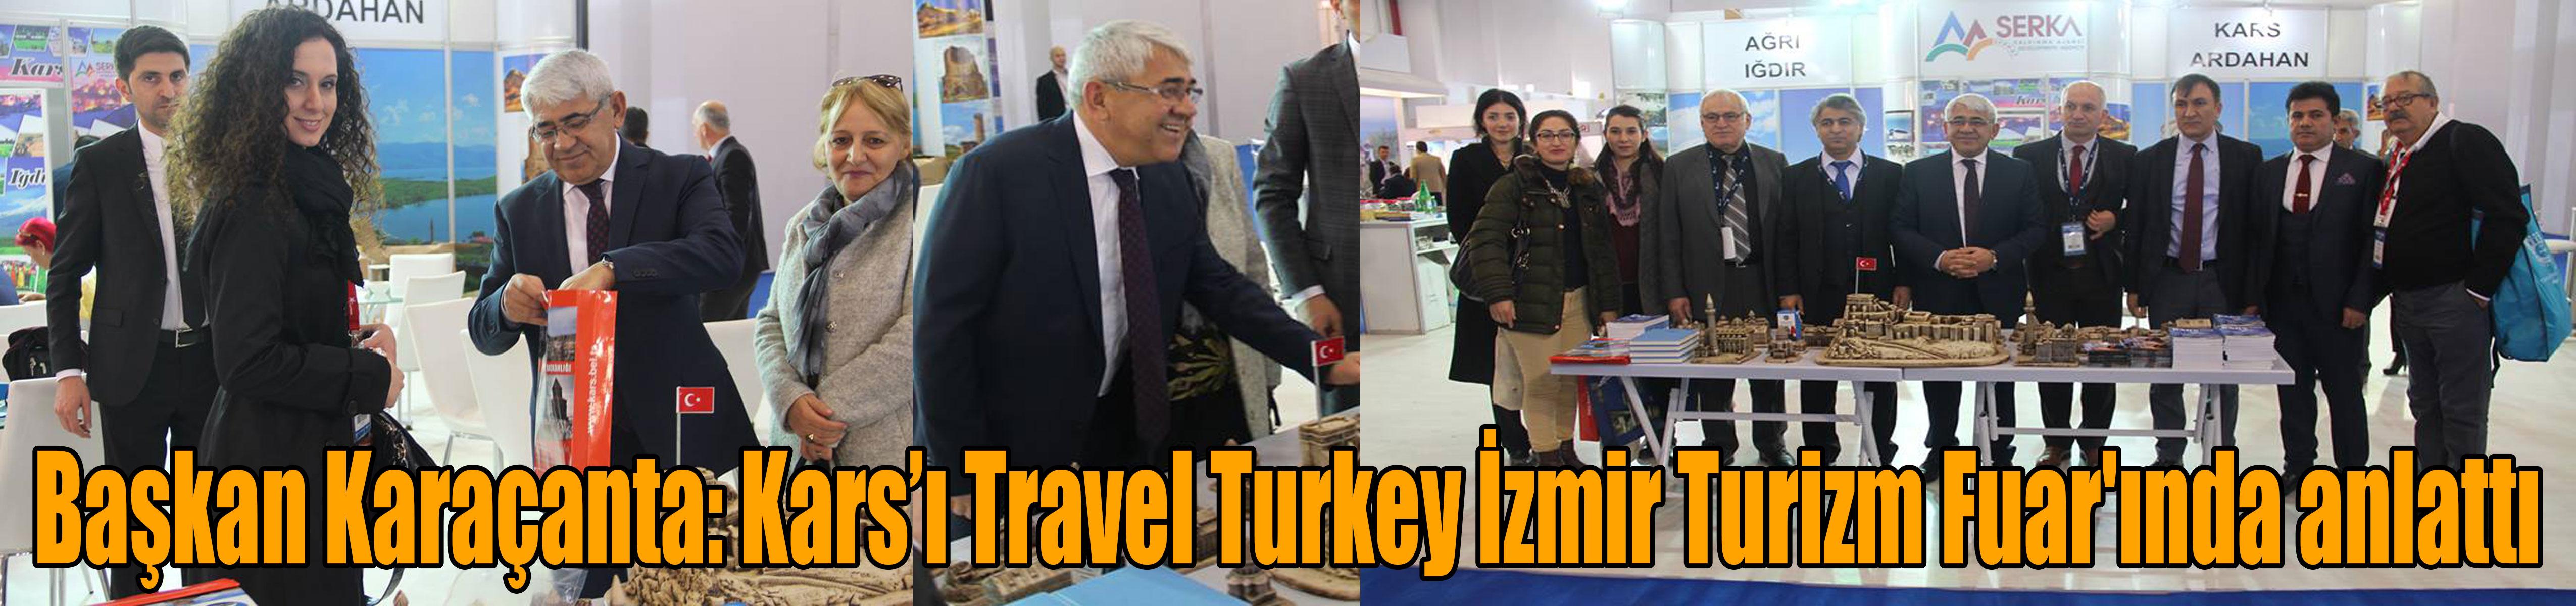 Başkan Karaçanta: Karsı Travel Turkey İzmir Turizm Fuar´ında anlattı